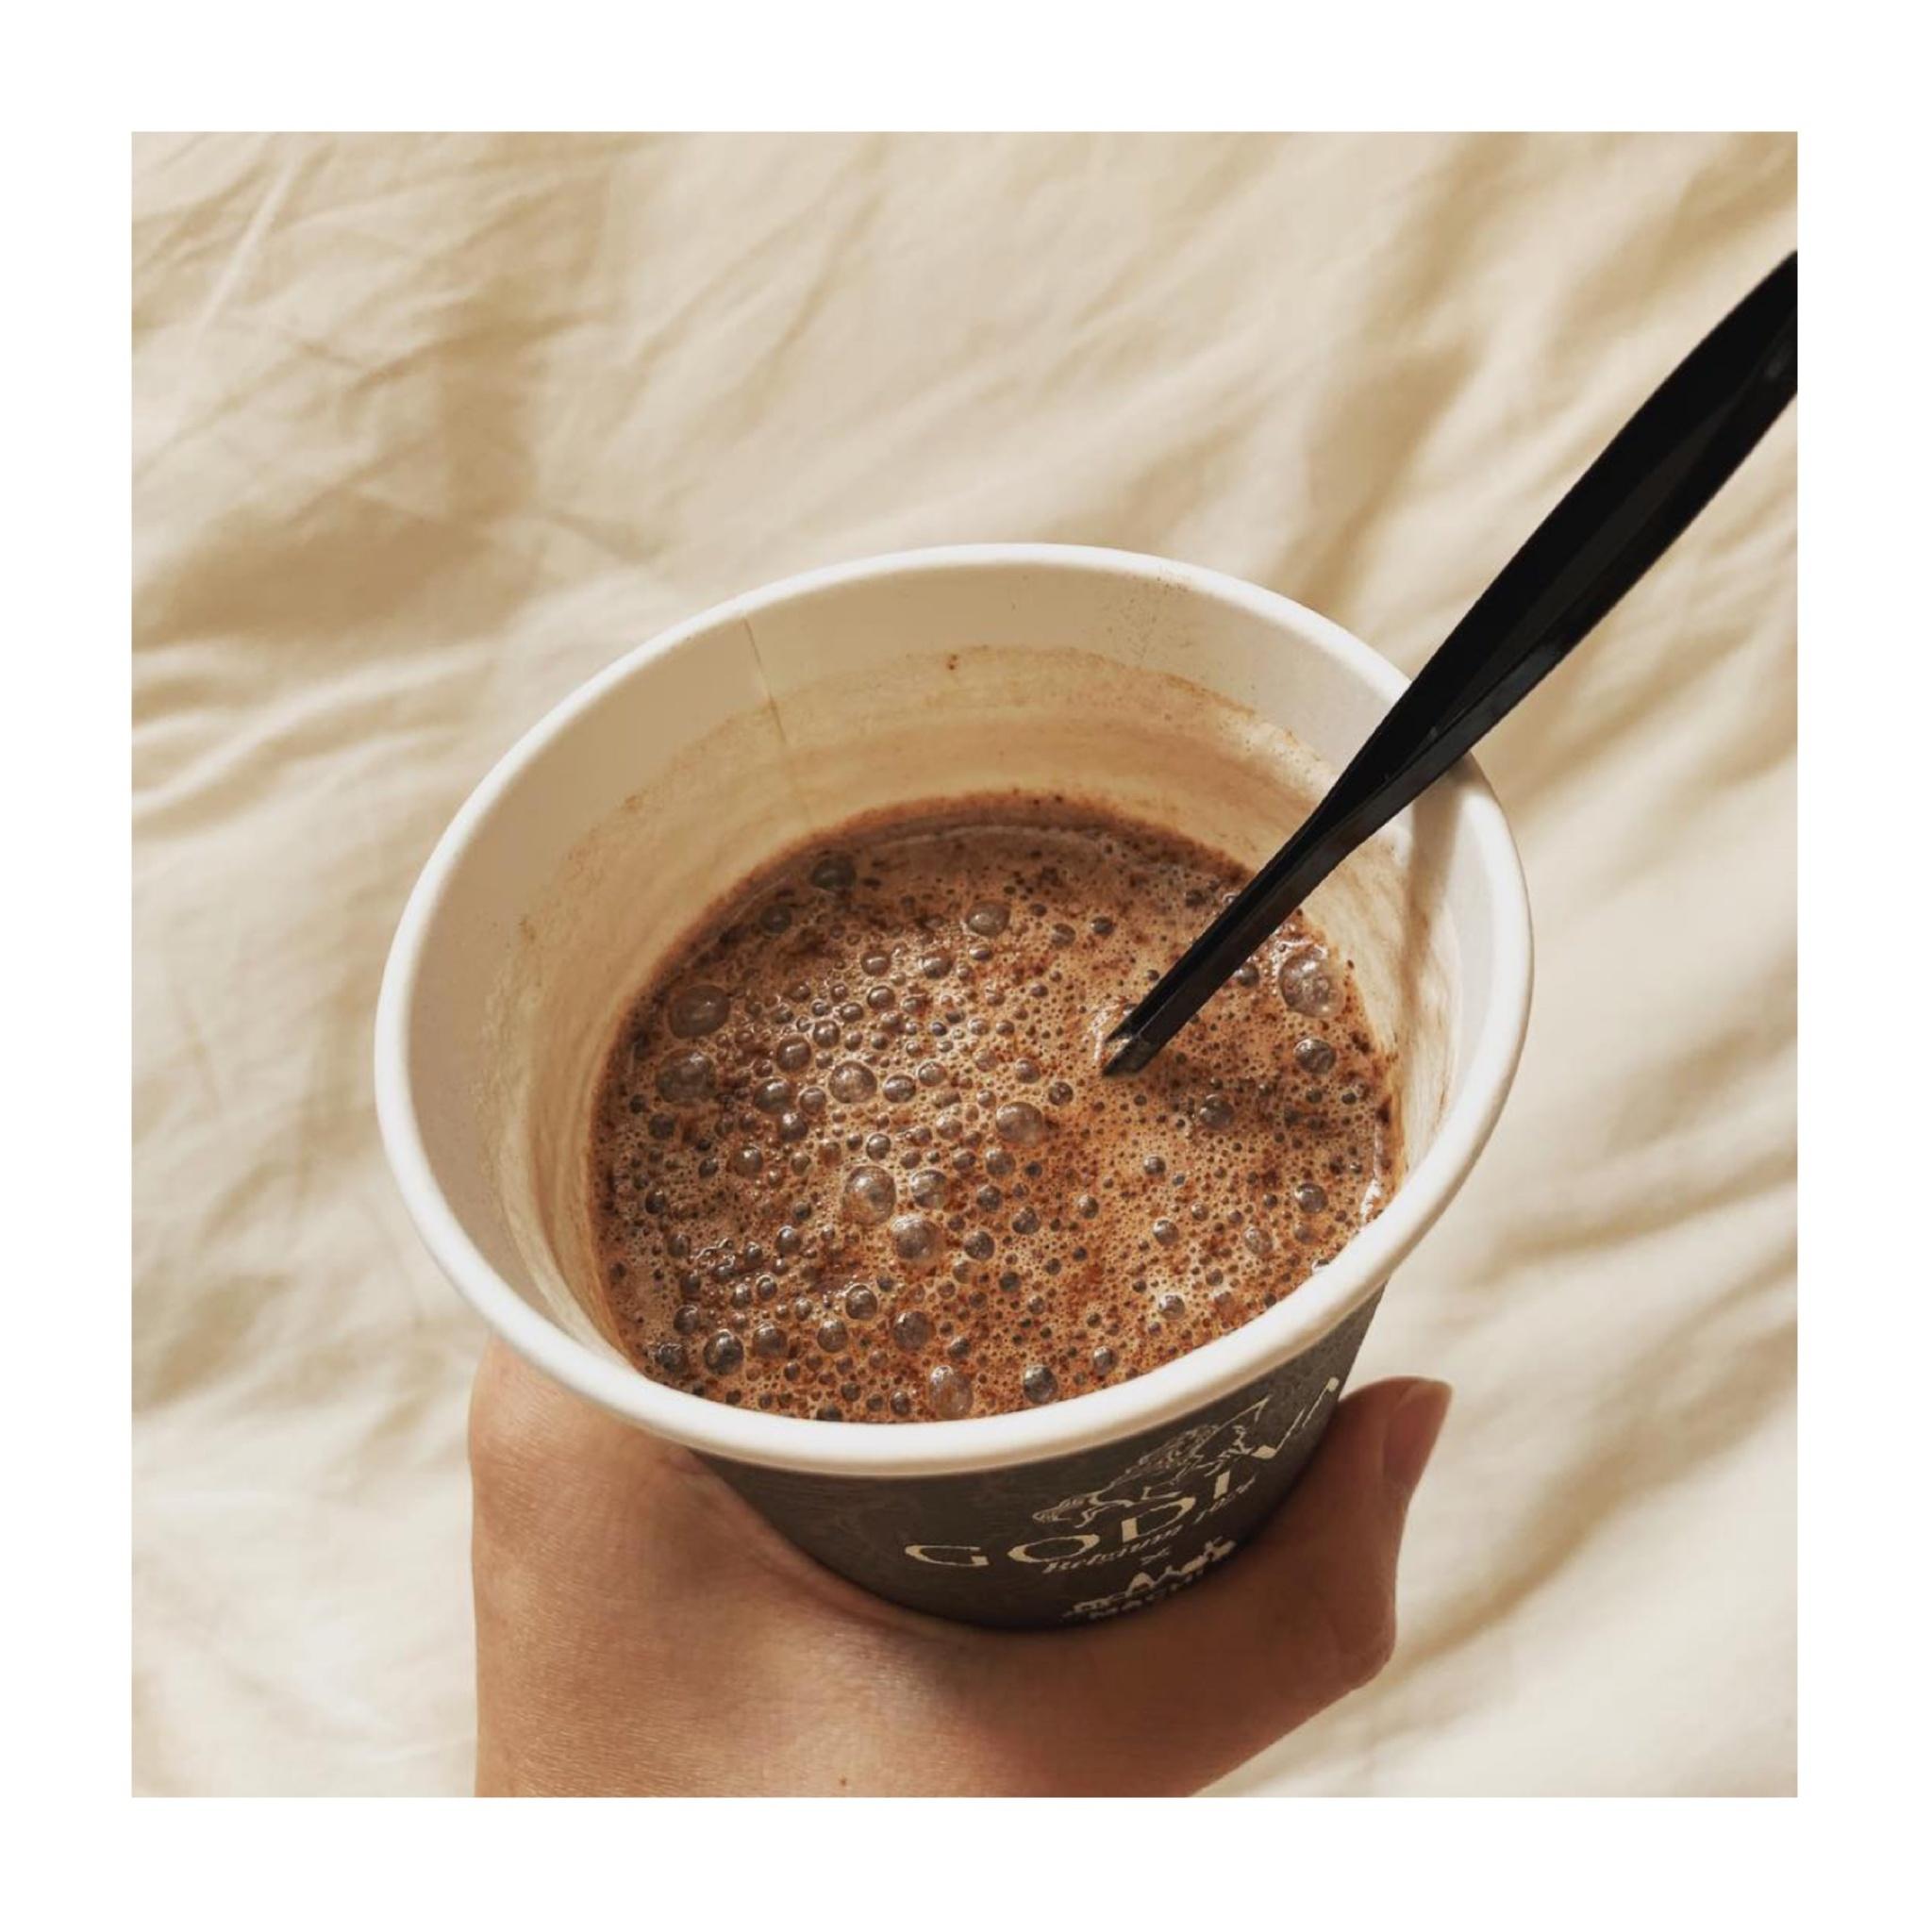 《発売前から話題沸騰❤️》【LAWSON × GODIVA】の本格ホットチョコレートが絶品すぎる!☺︎_4